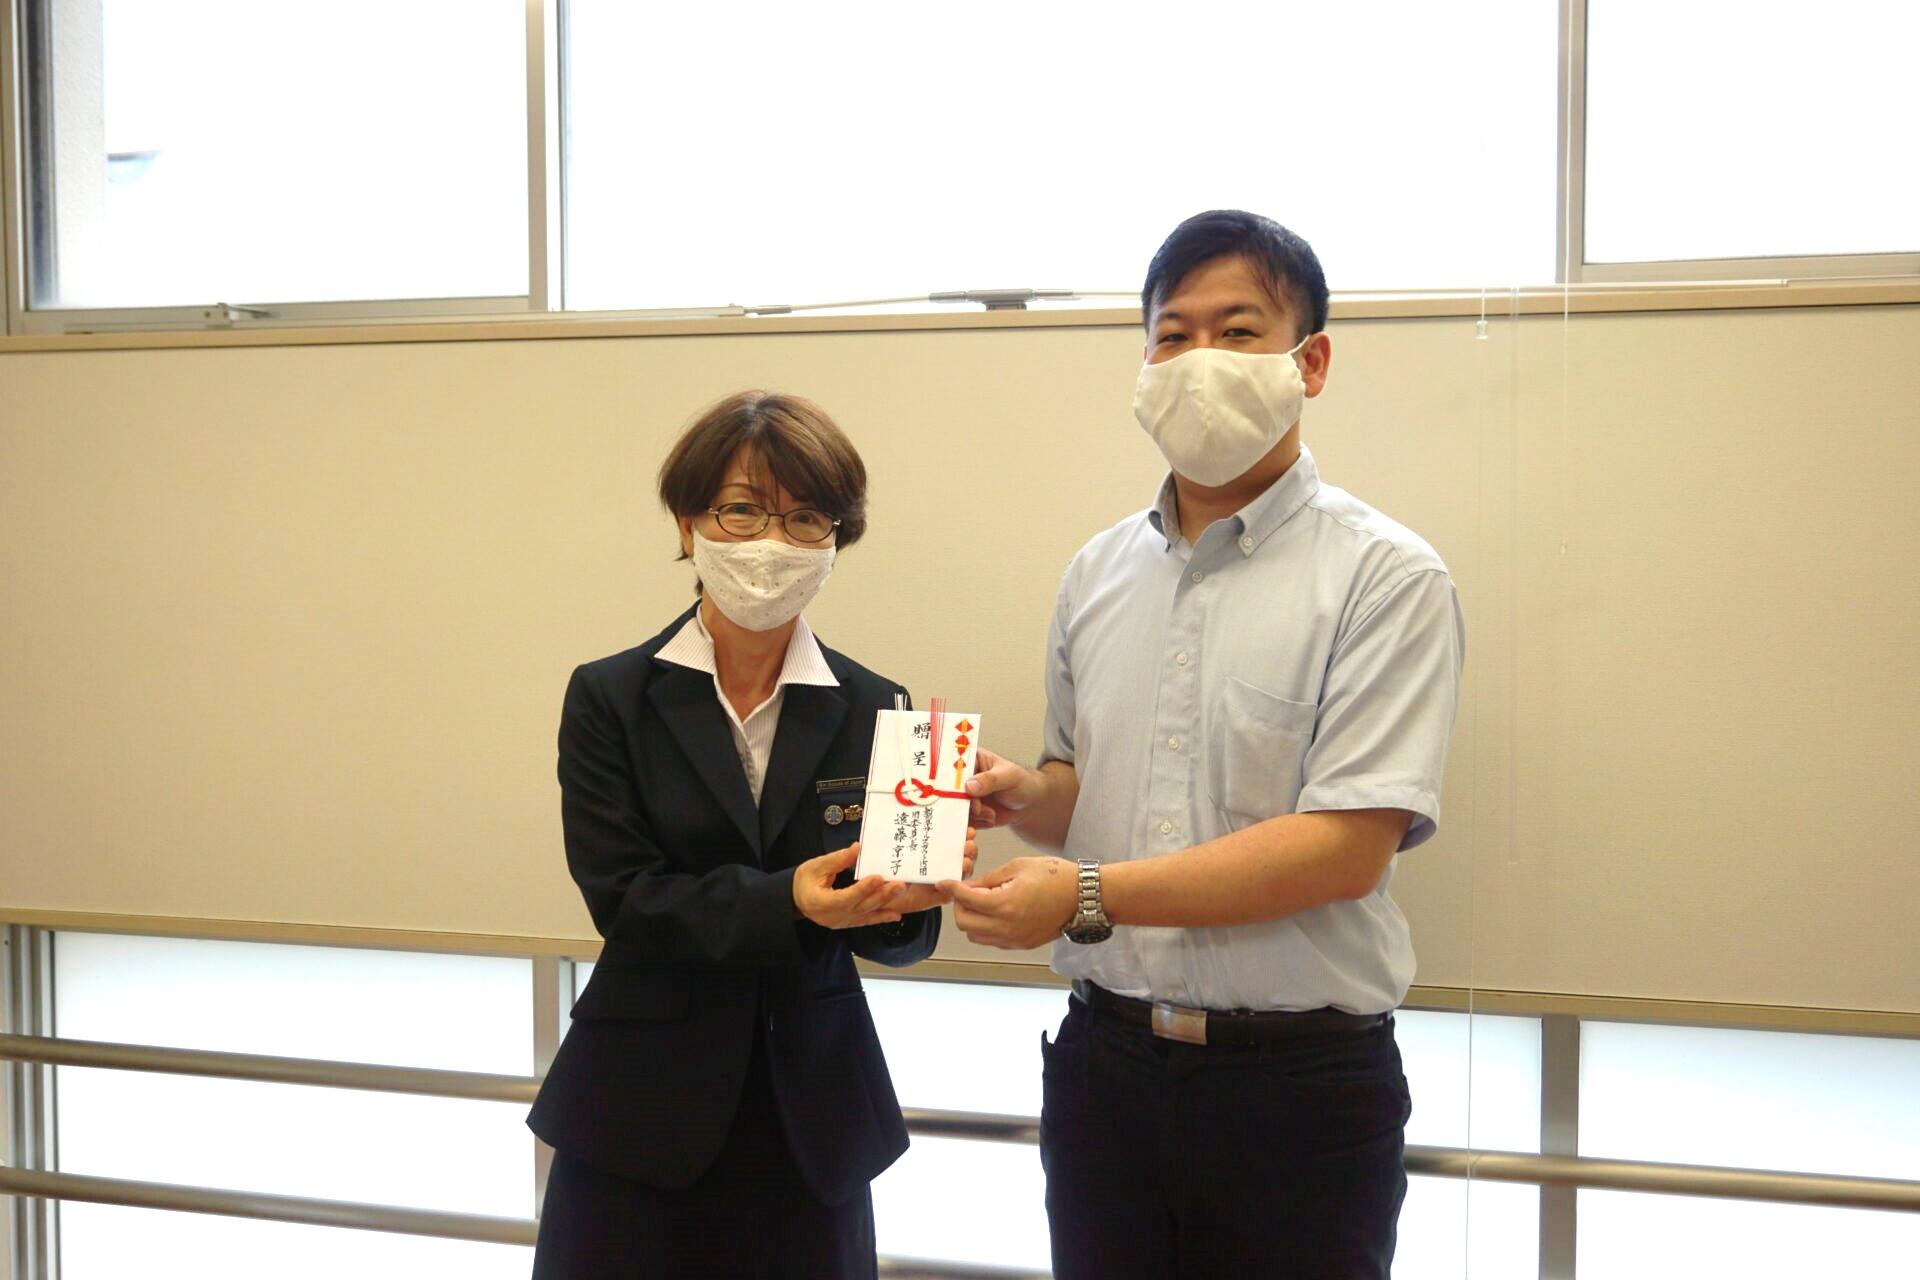 ガールスカウト新潟県第15団様より寄付金をいただきました。